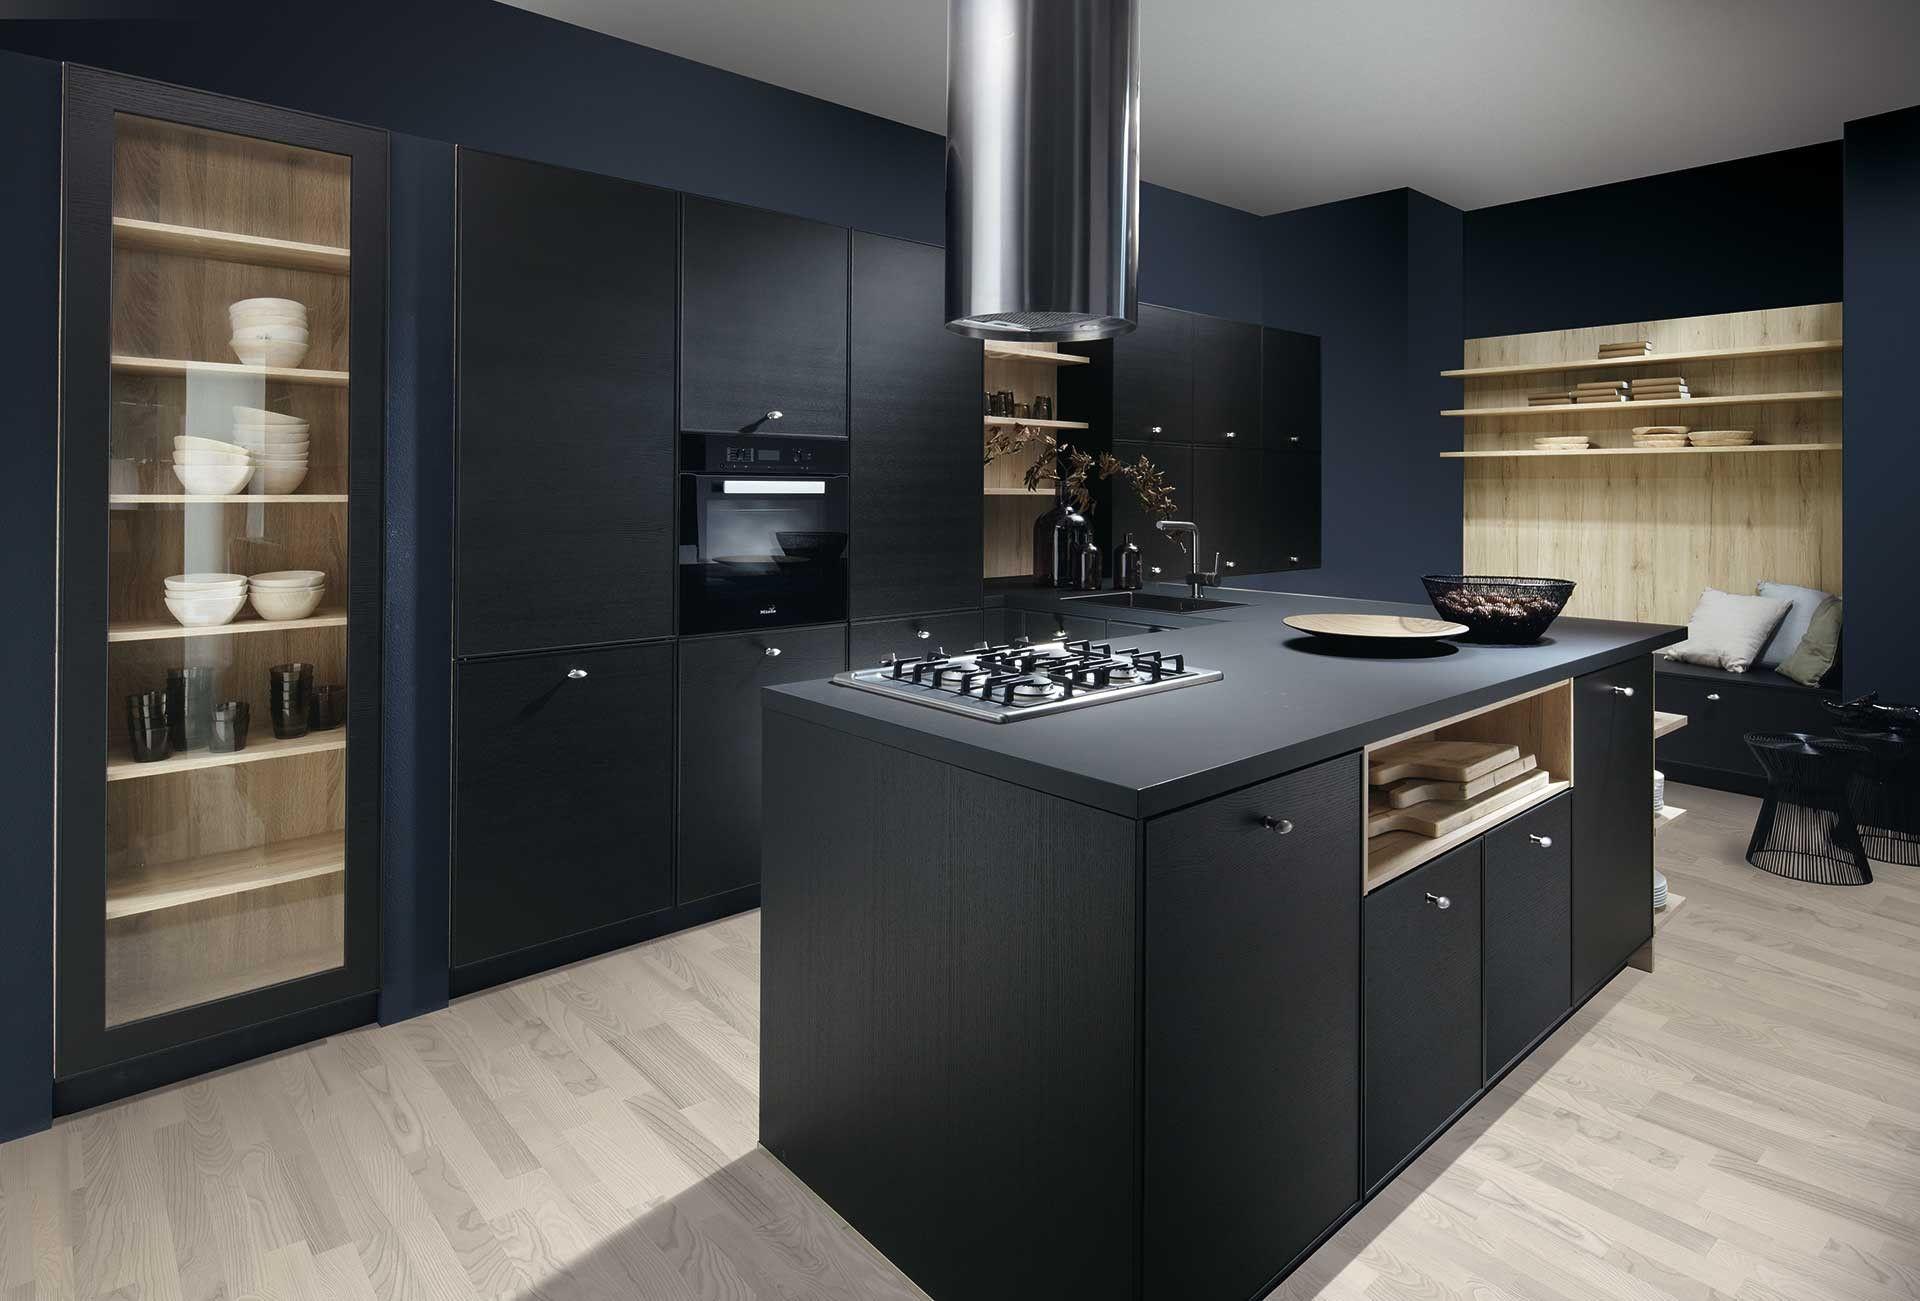 Donkerkleurige keuken met houtaccenten deze moderne keuken heeft als hoofdkleur een zeer - Moderne keuken in het oude huis ...